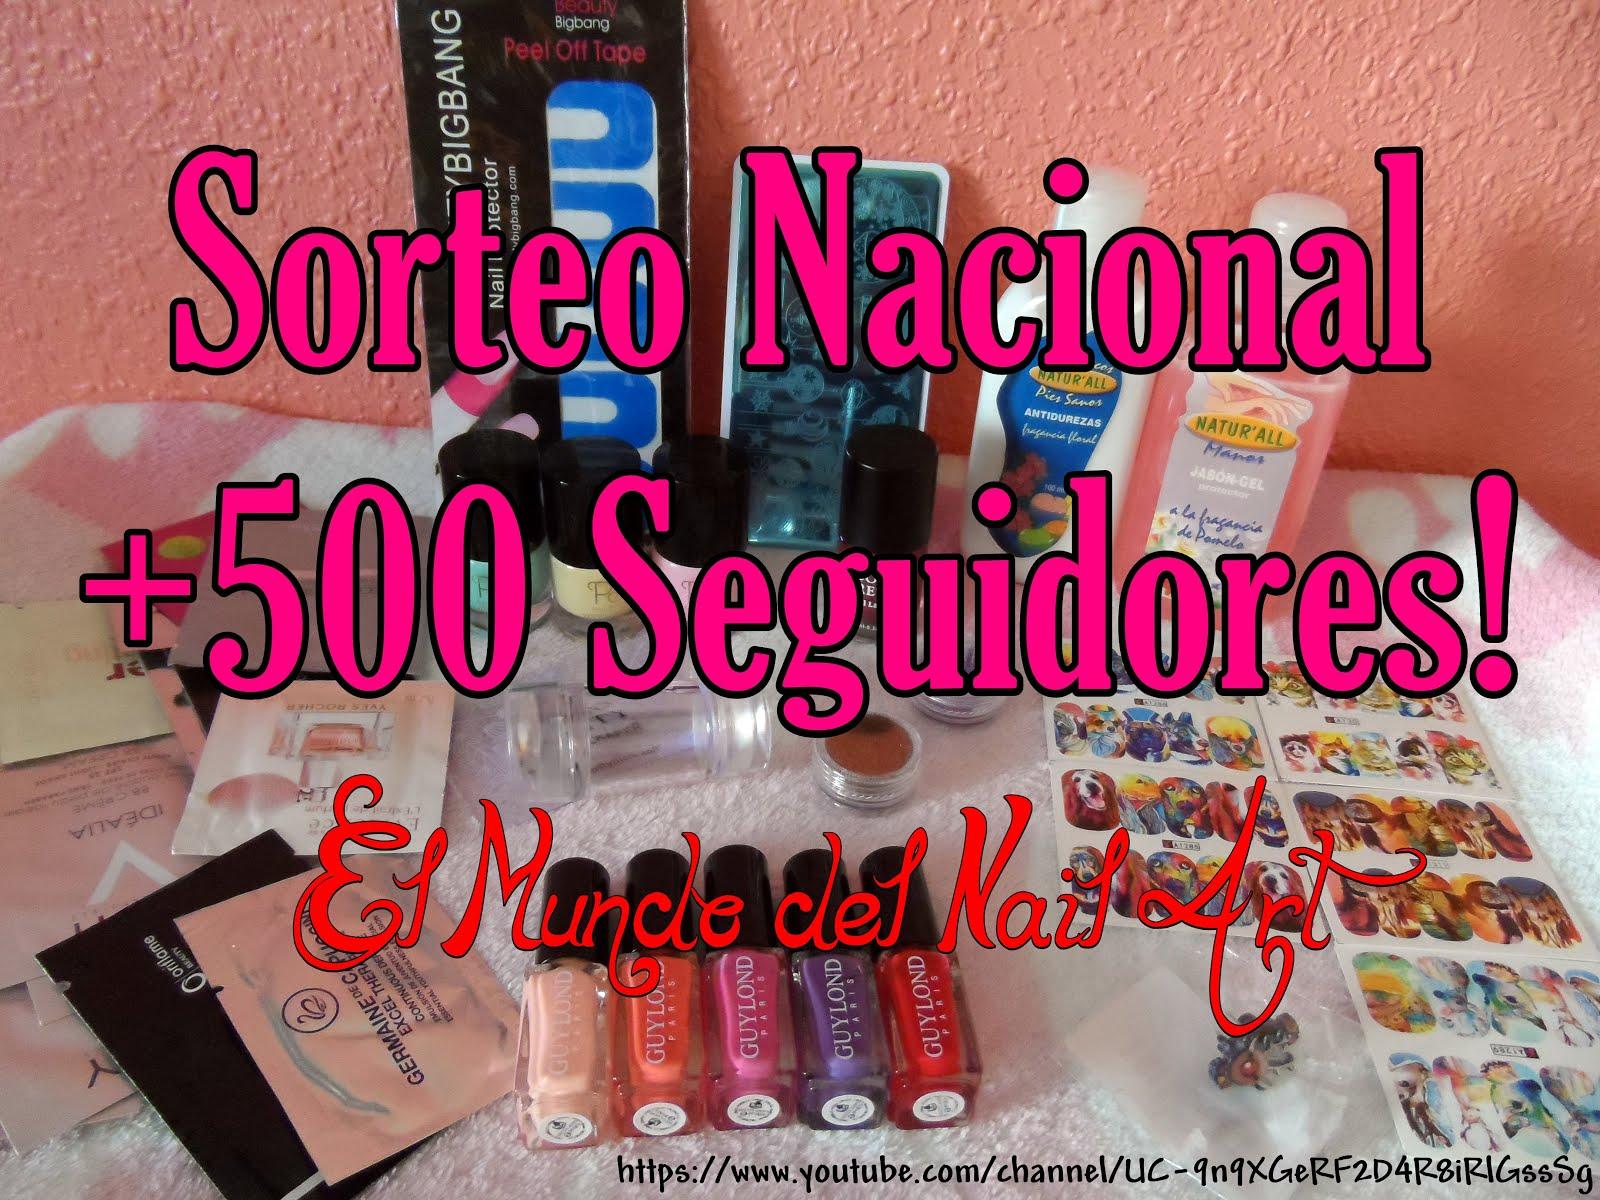 Sorteo +500 Seguidores en YouTube!